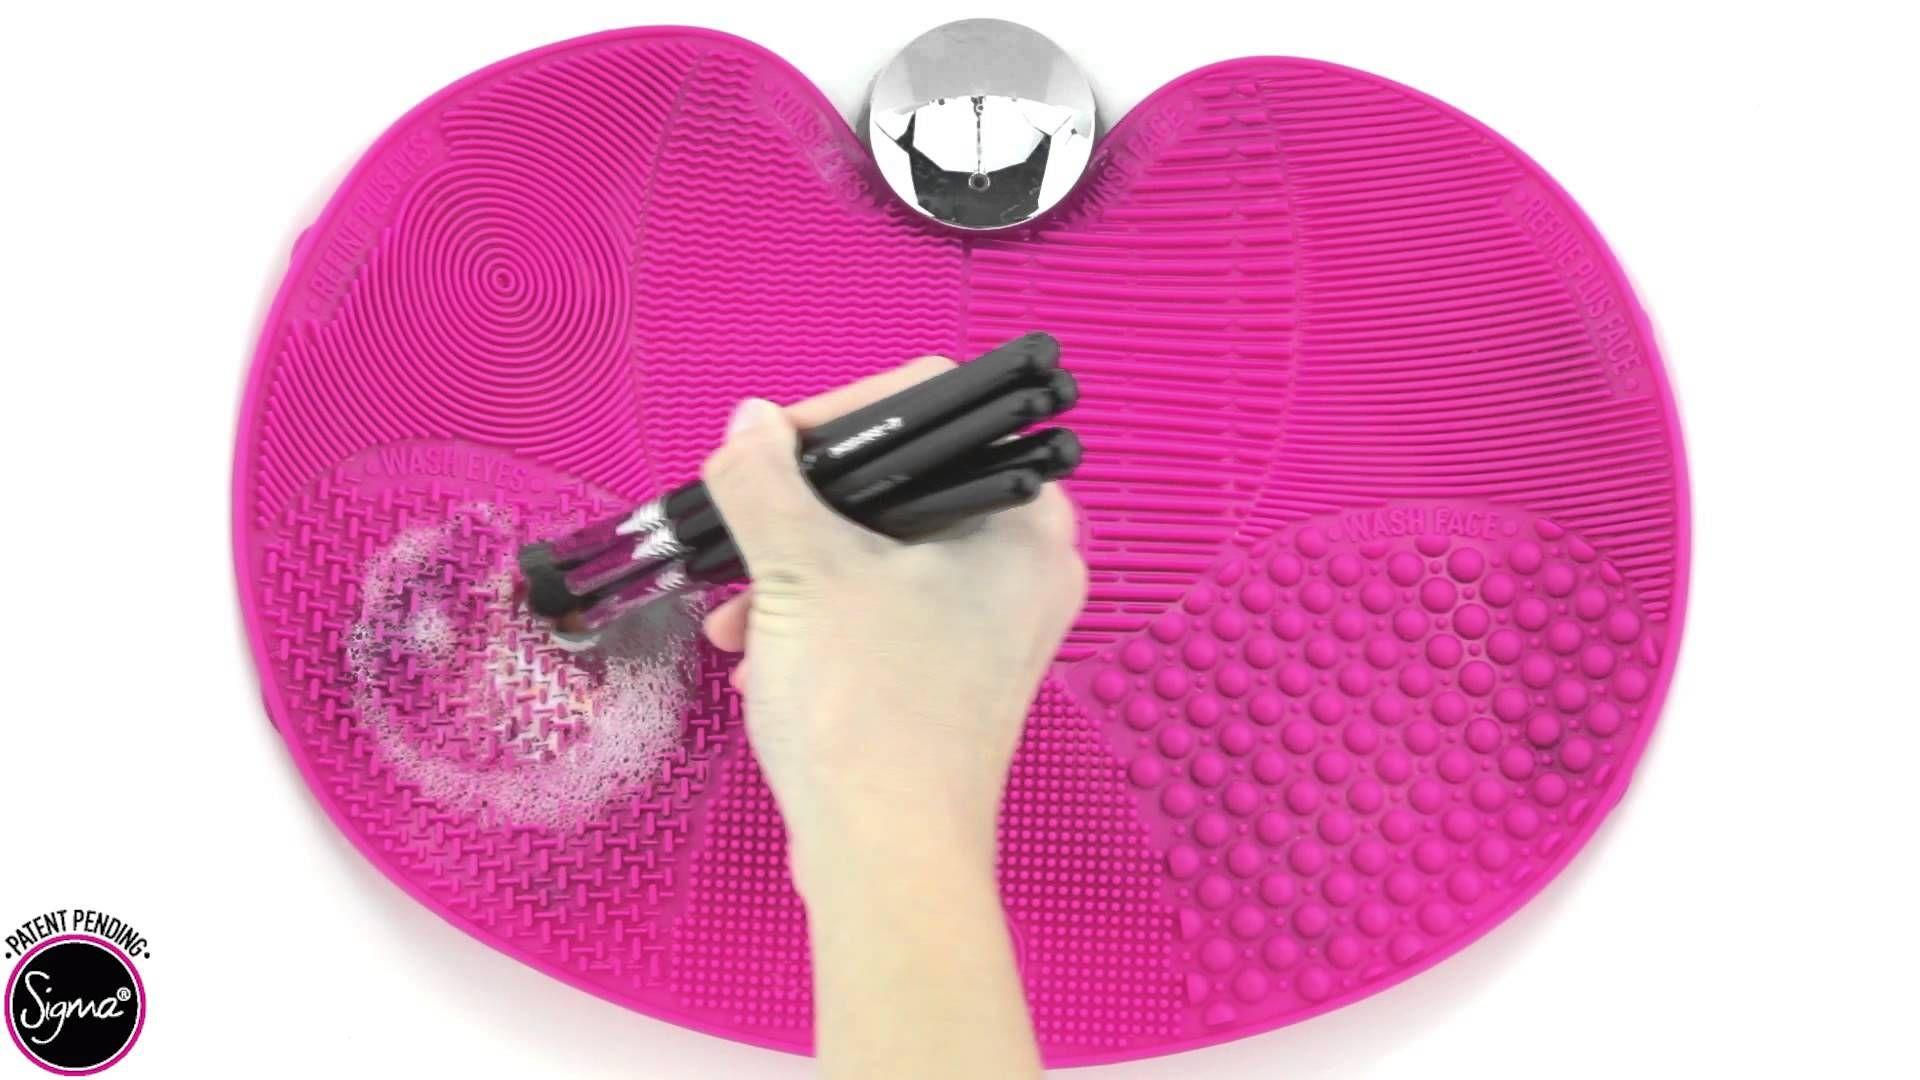 Le Sigma Spa Brush Cleaning de Sigma... Fini la corvée des pinceaux ! #TheBeautyHours